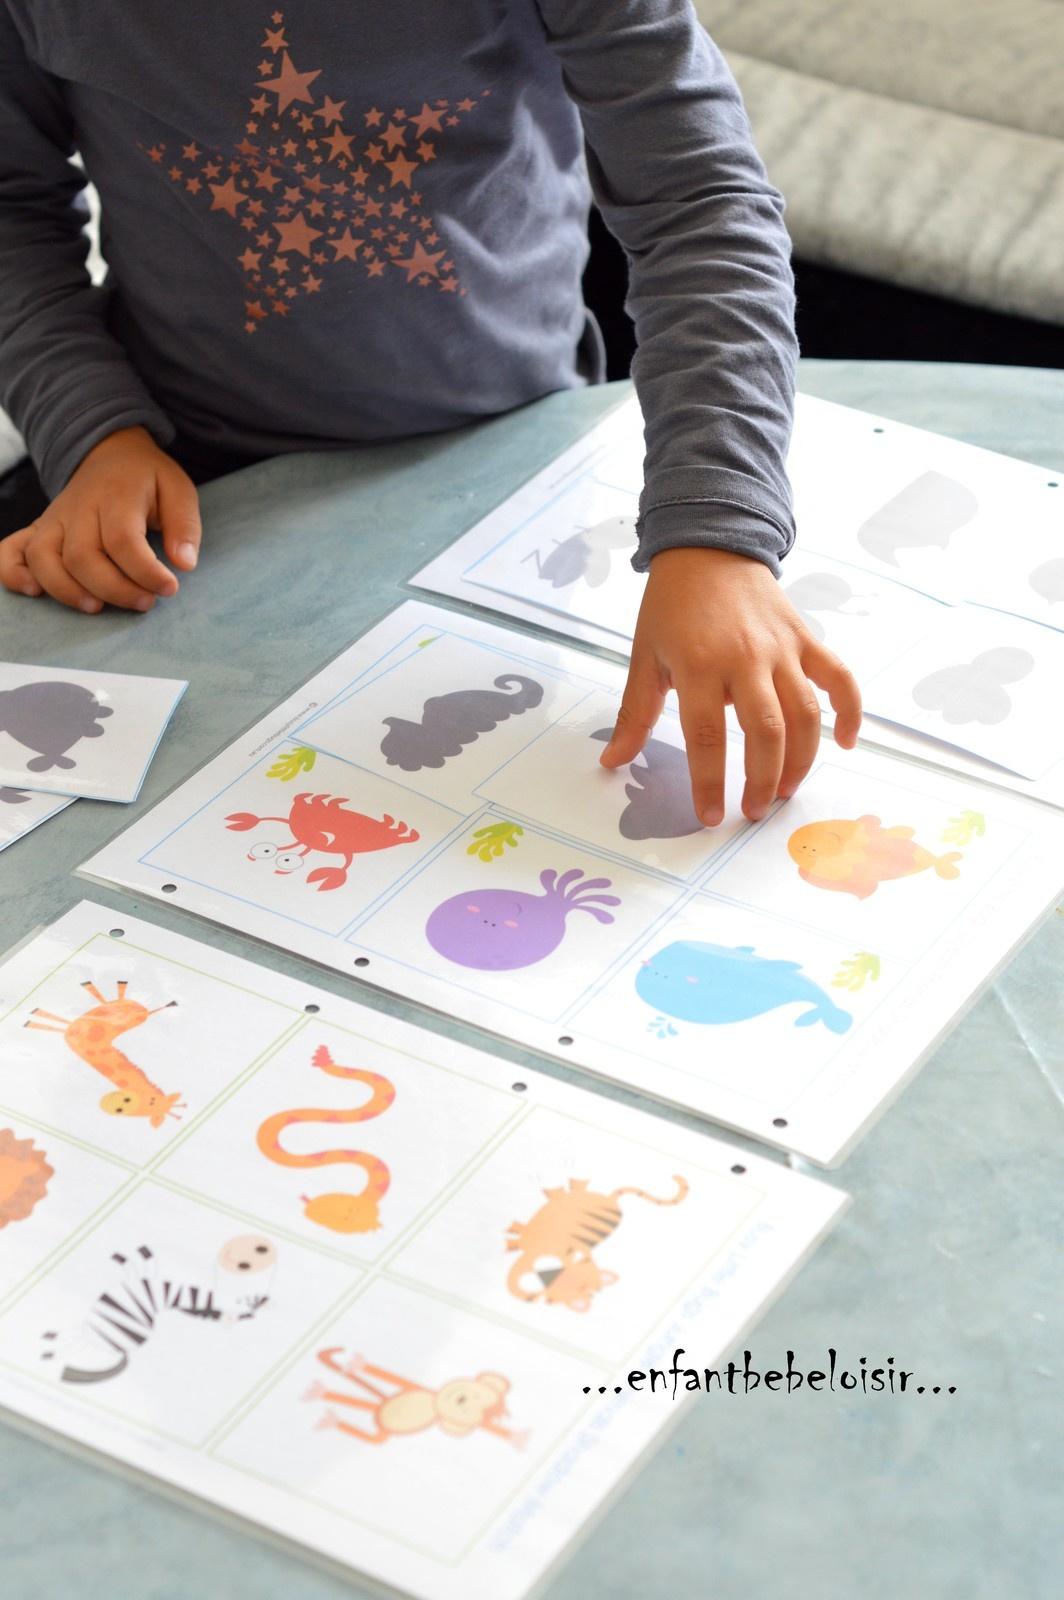 Jeu D'ombres À Imprimer Et Plastifier - Enfant Bébé Loisir destiné Jeux Educatif Maternelle Petite Section